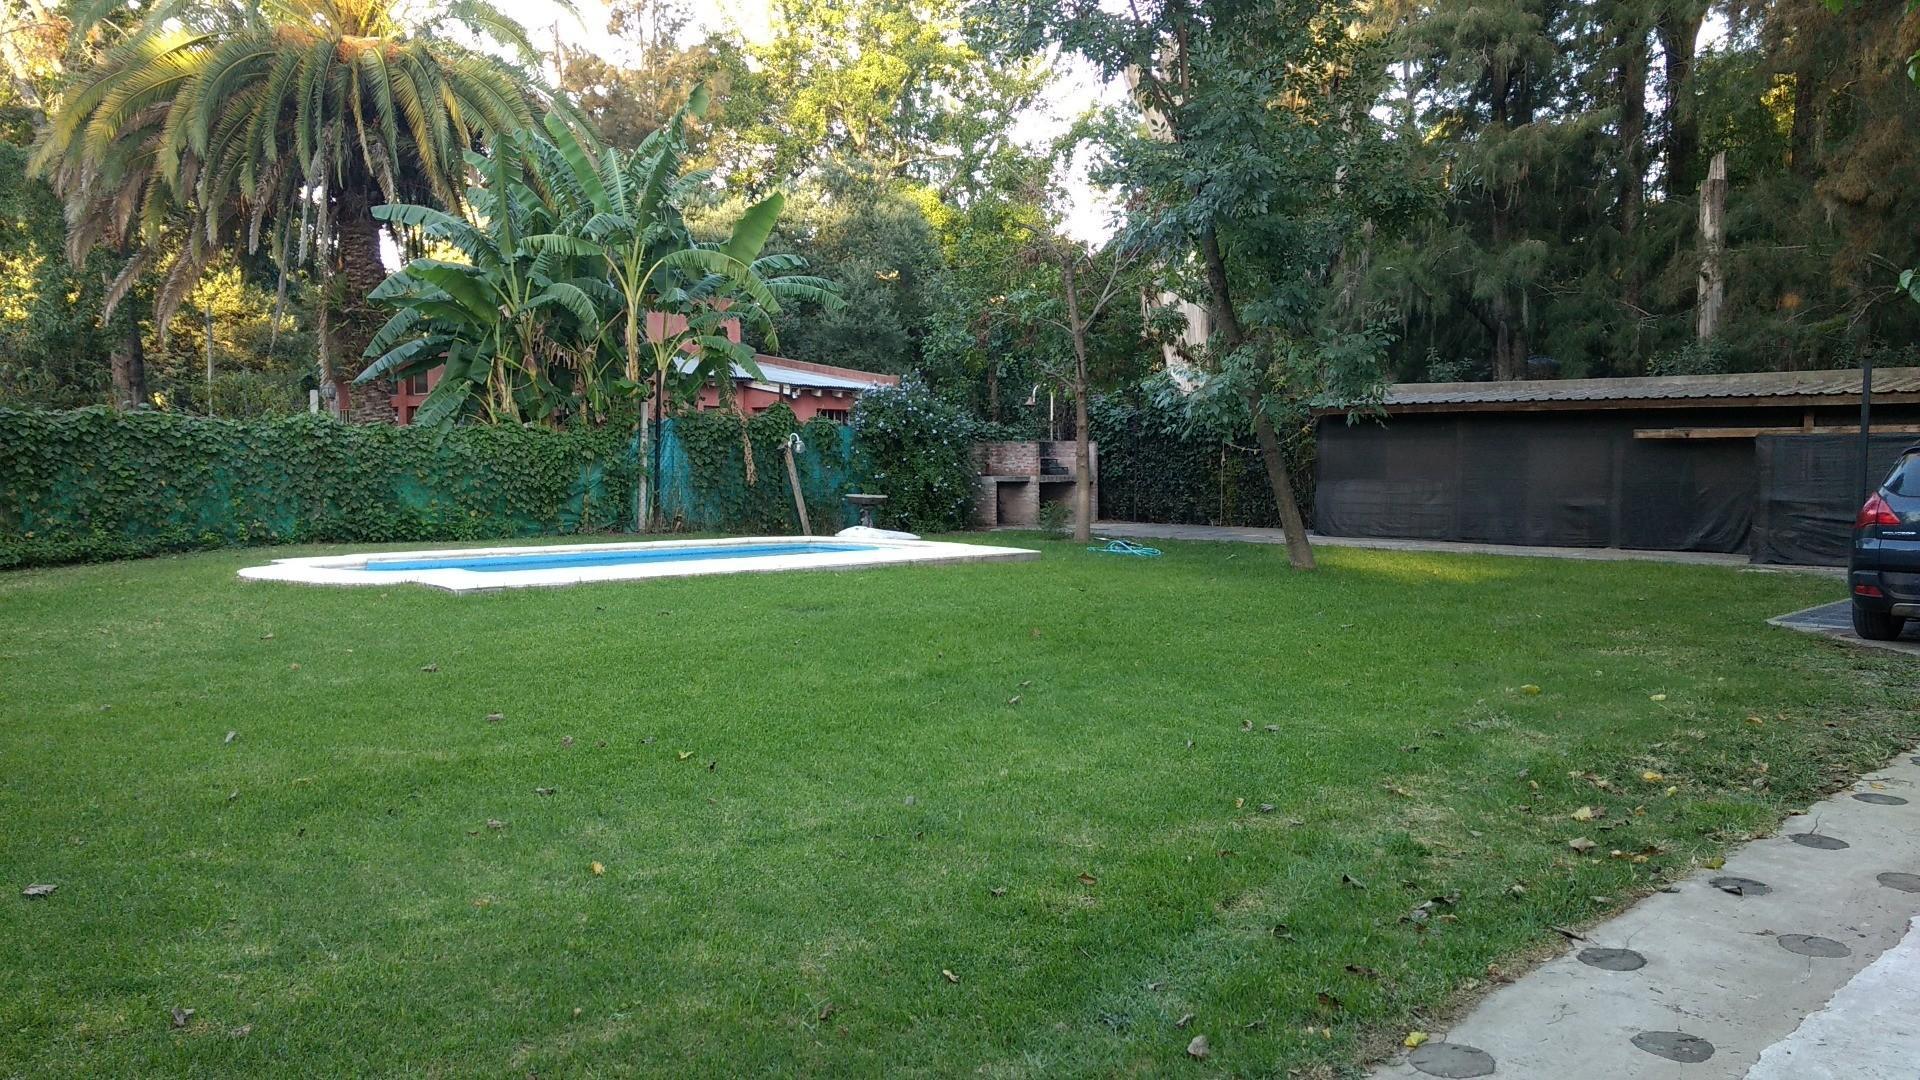 Casa en venta - zona Las Glorias - calle Saavedra  - 4 ambientes